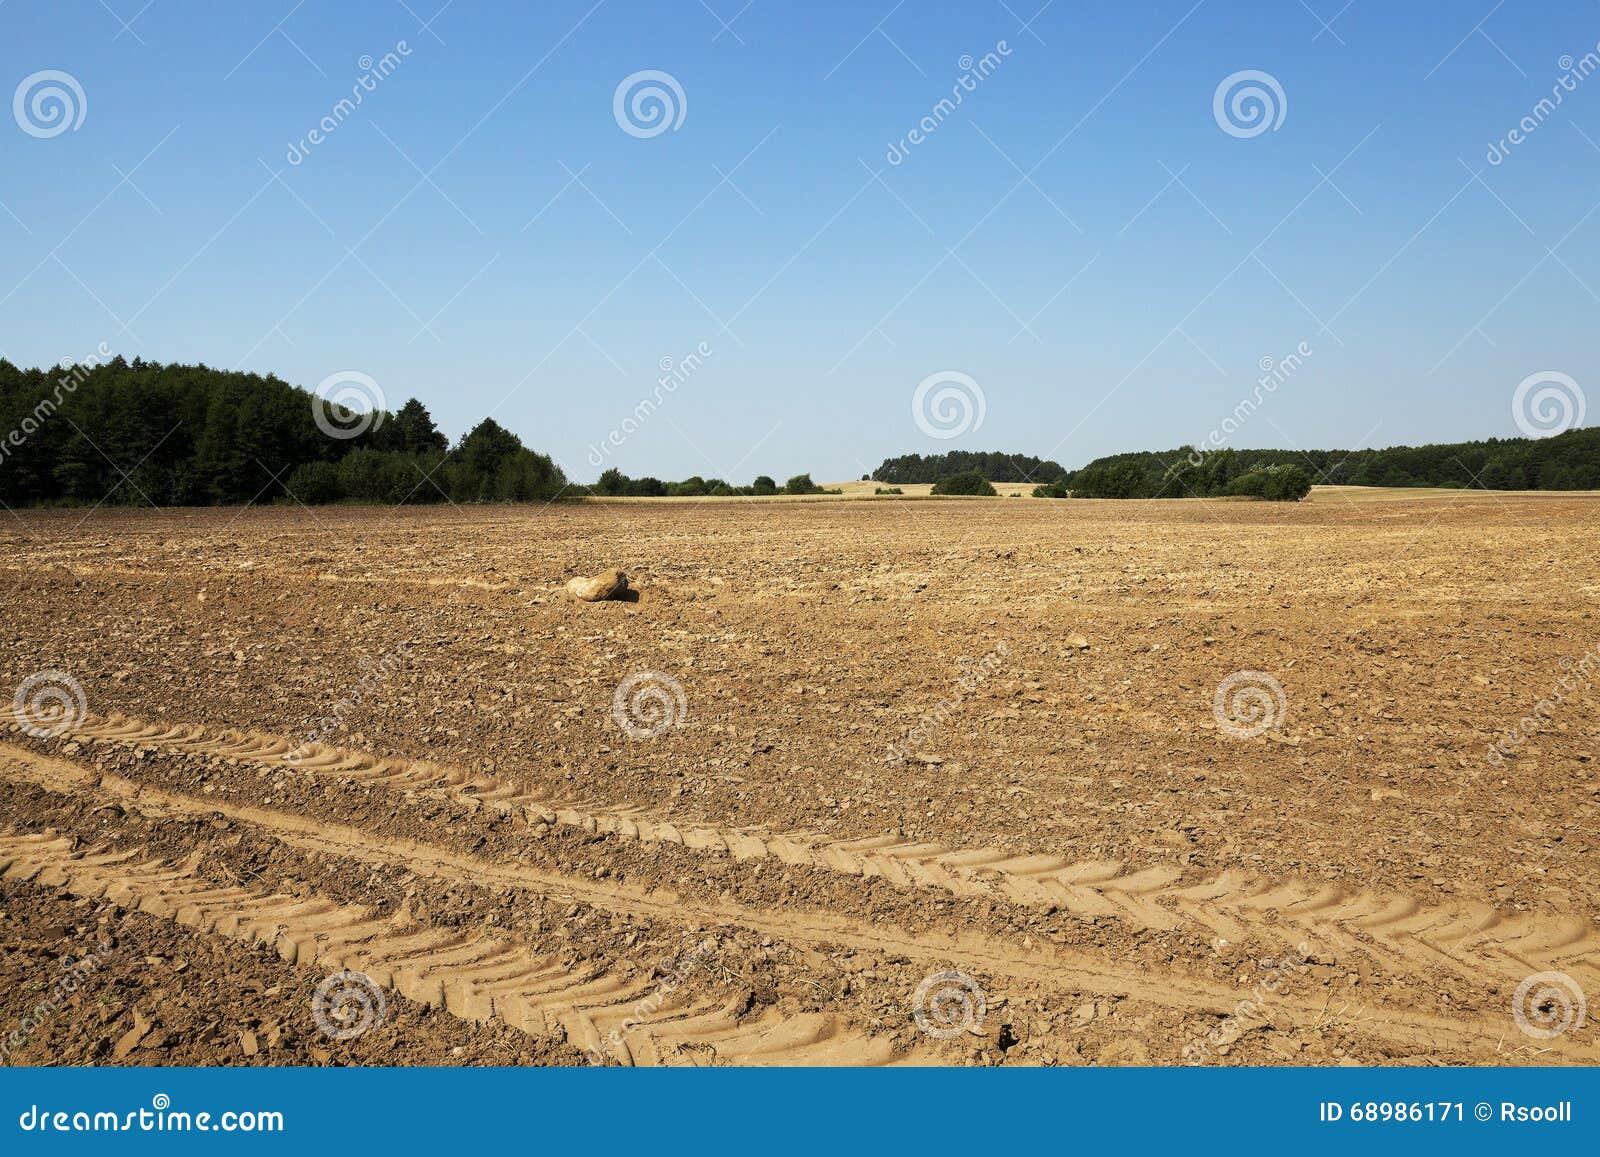 Tierra arada, verano